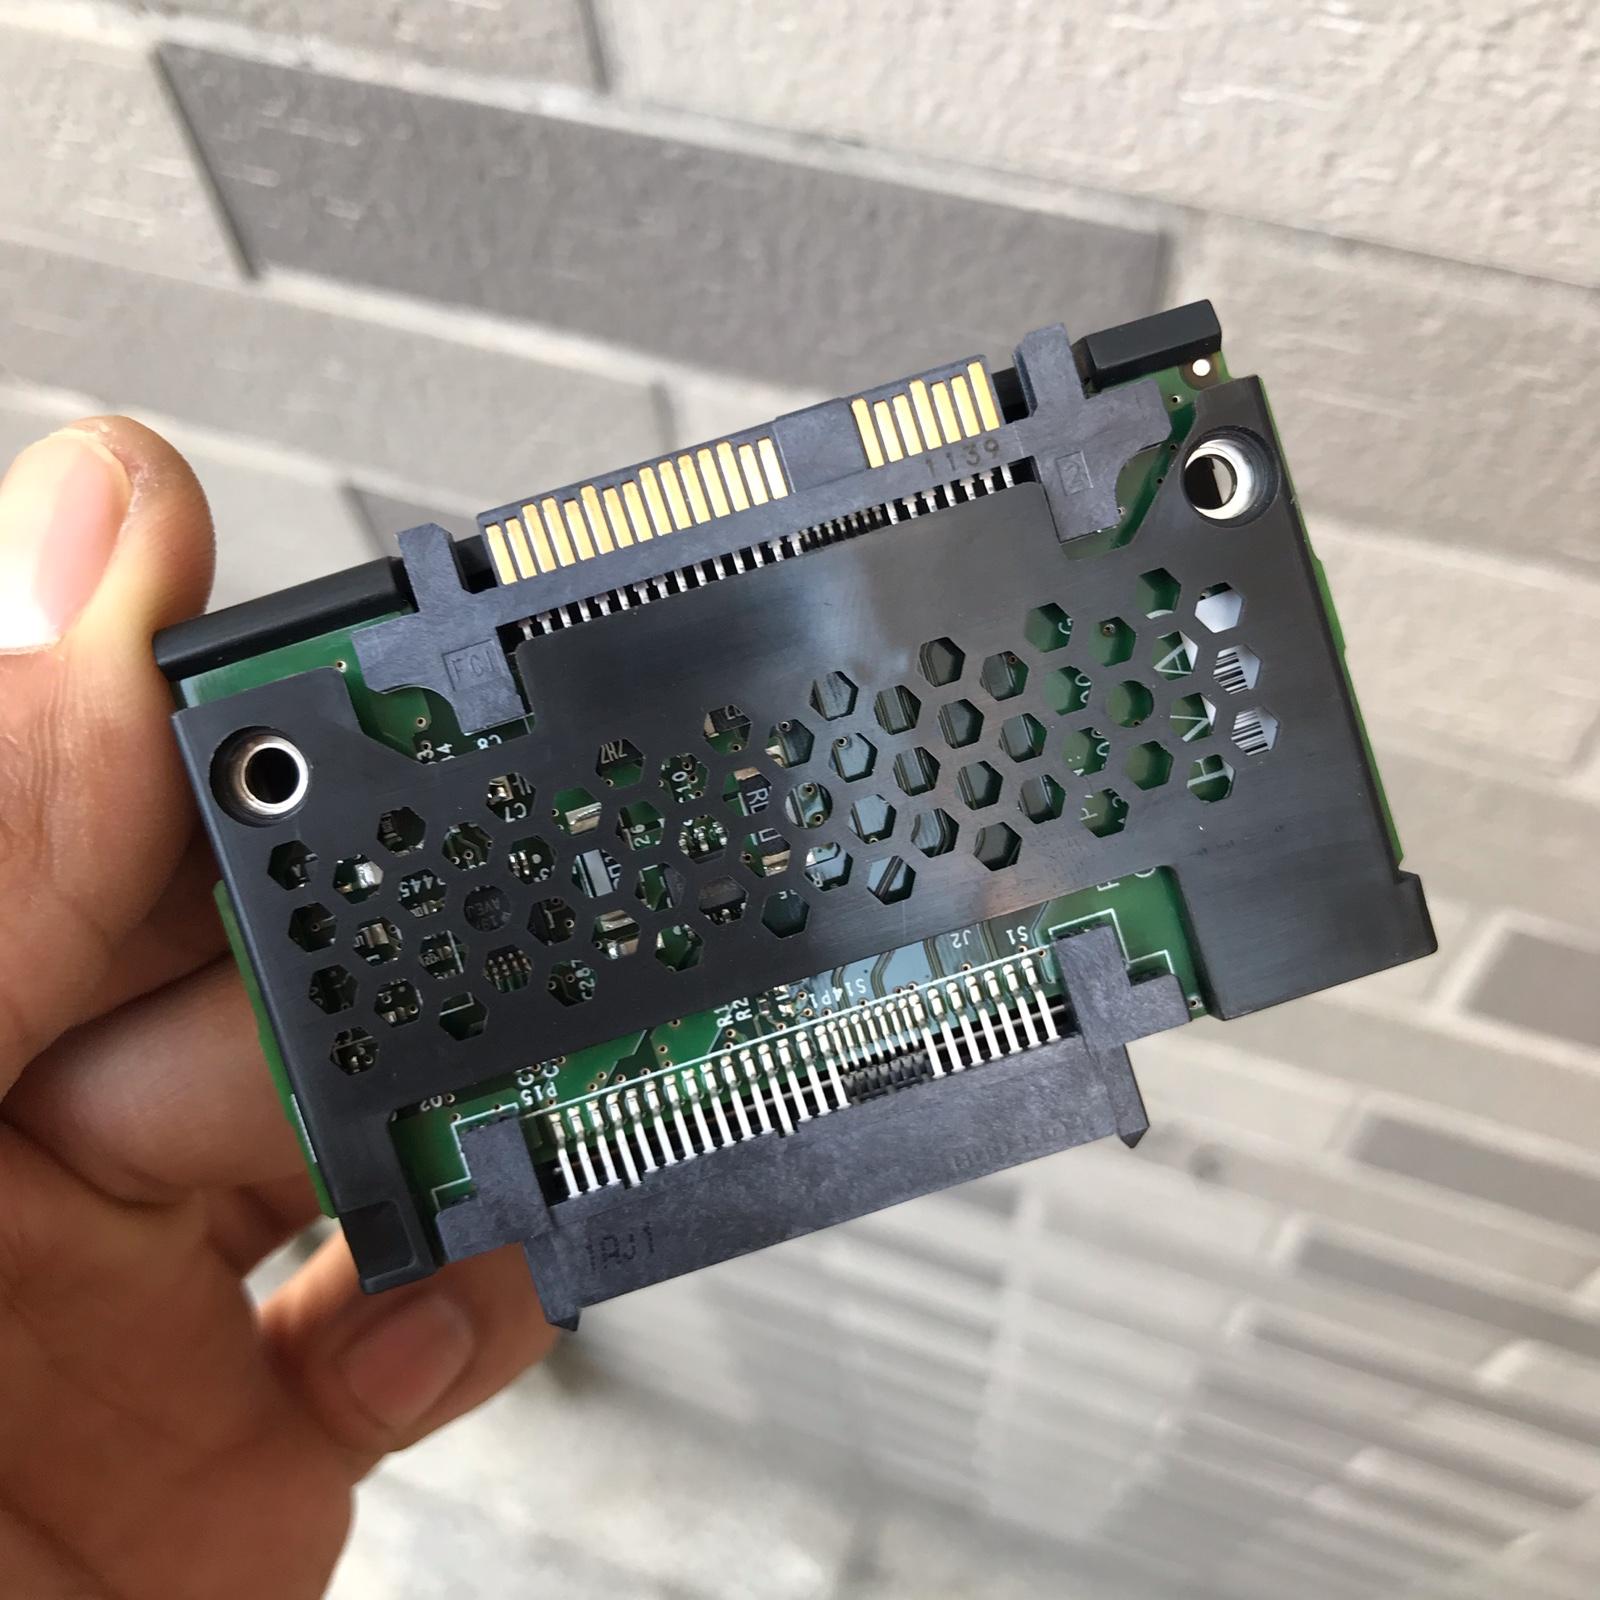 sas sata3.5硬盘转接主板 全新 电脑服务器硬盘转接板 SAS转接SATA板硬盘转接板